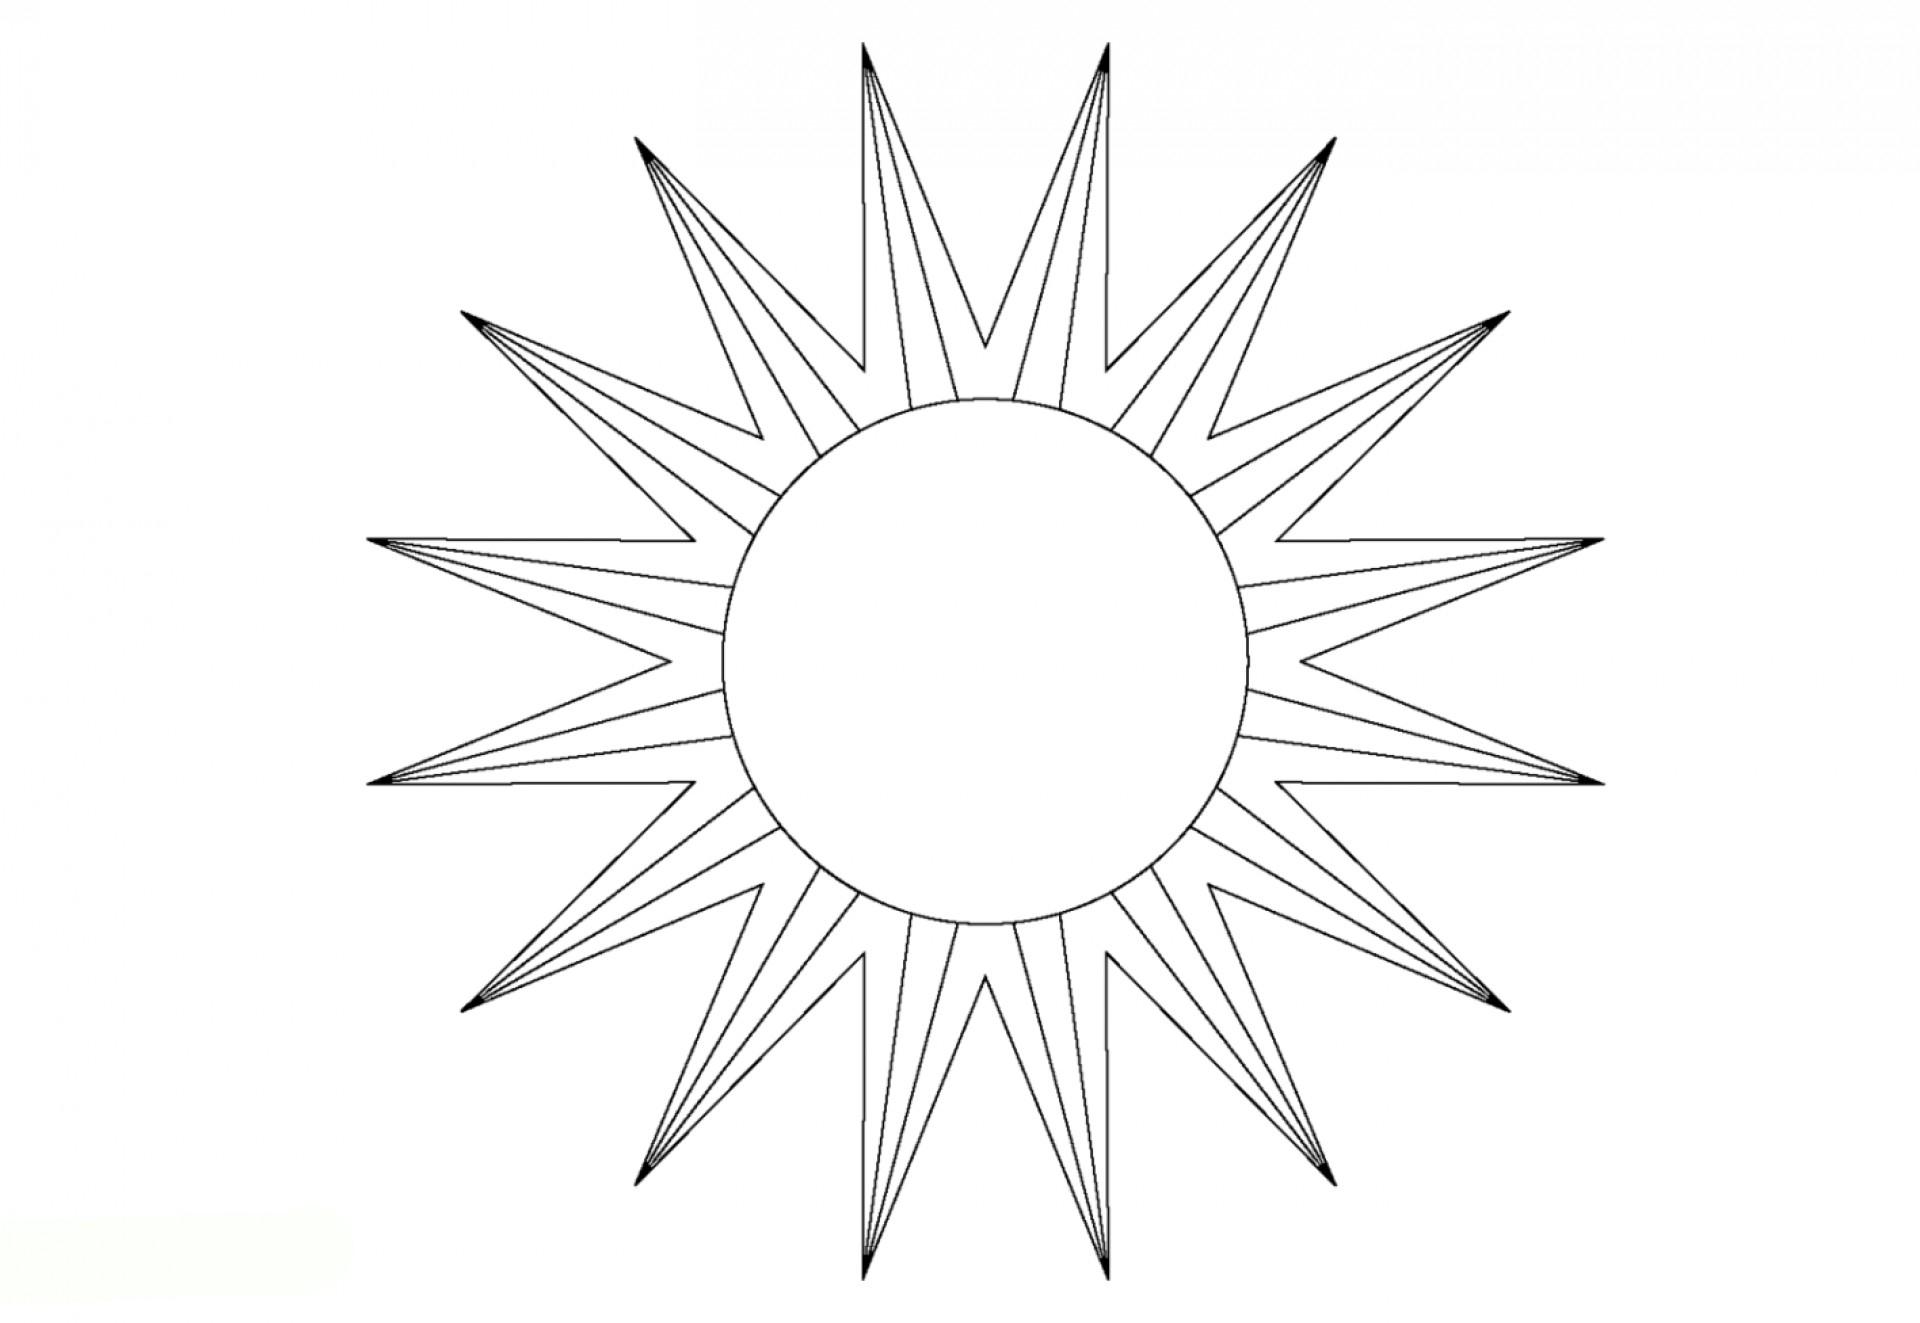 Sonne Vorlage Zum Ausdrucken - 1Ausmalbilder über Bastelvorlage Sonne